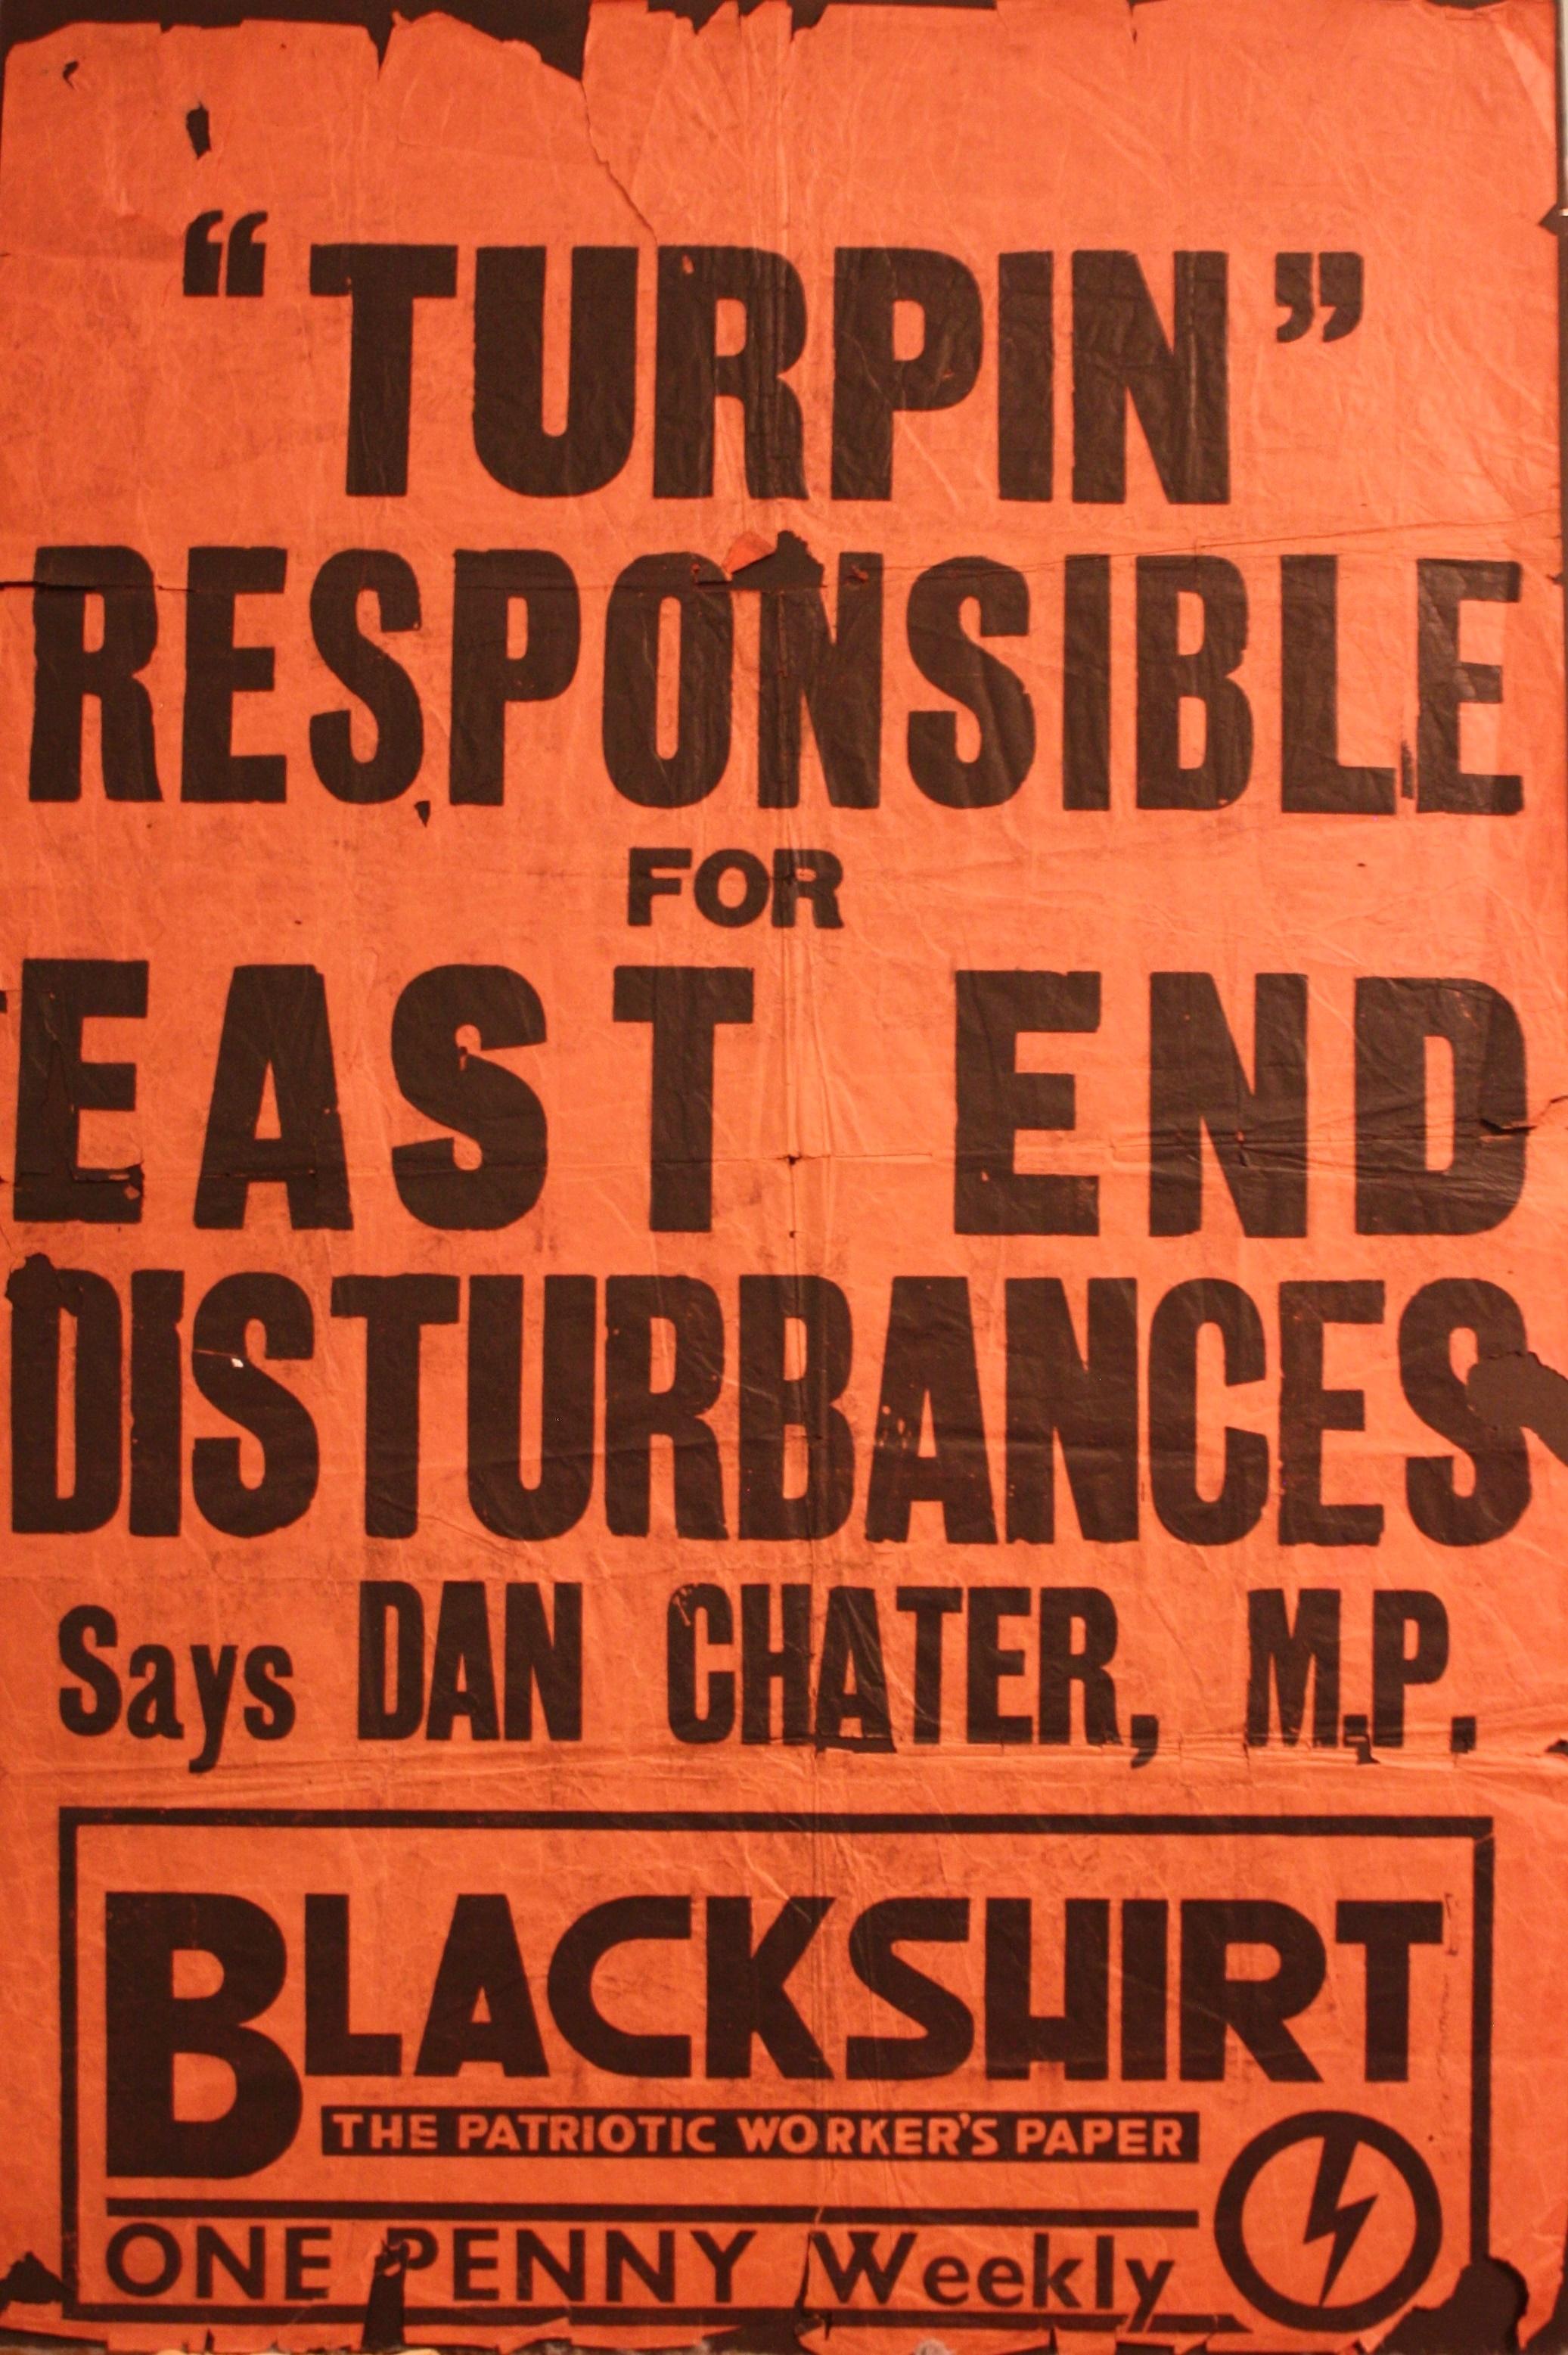 Blackshirt Poster